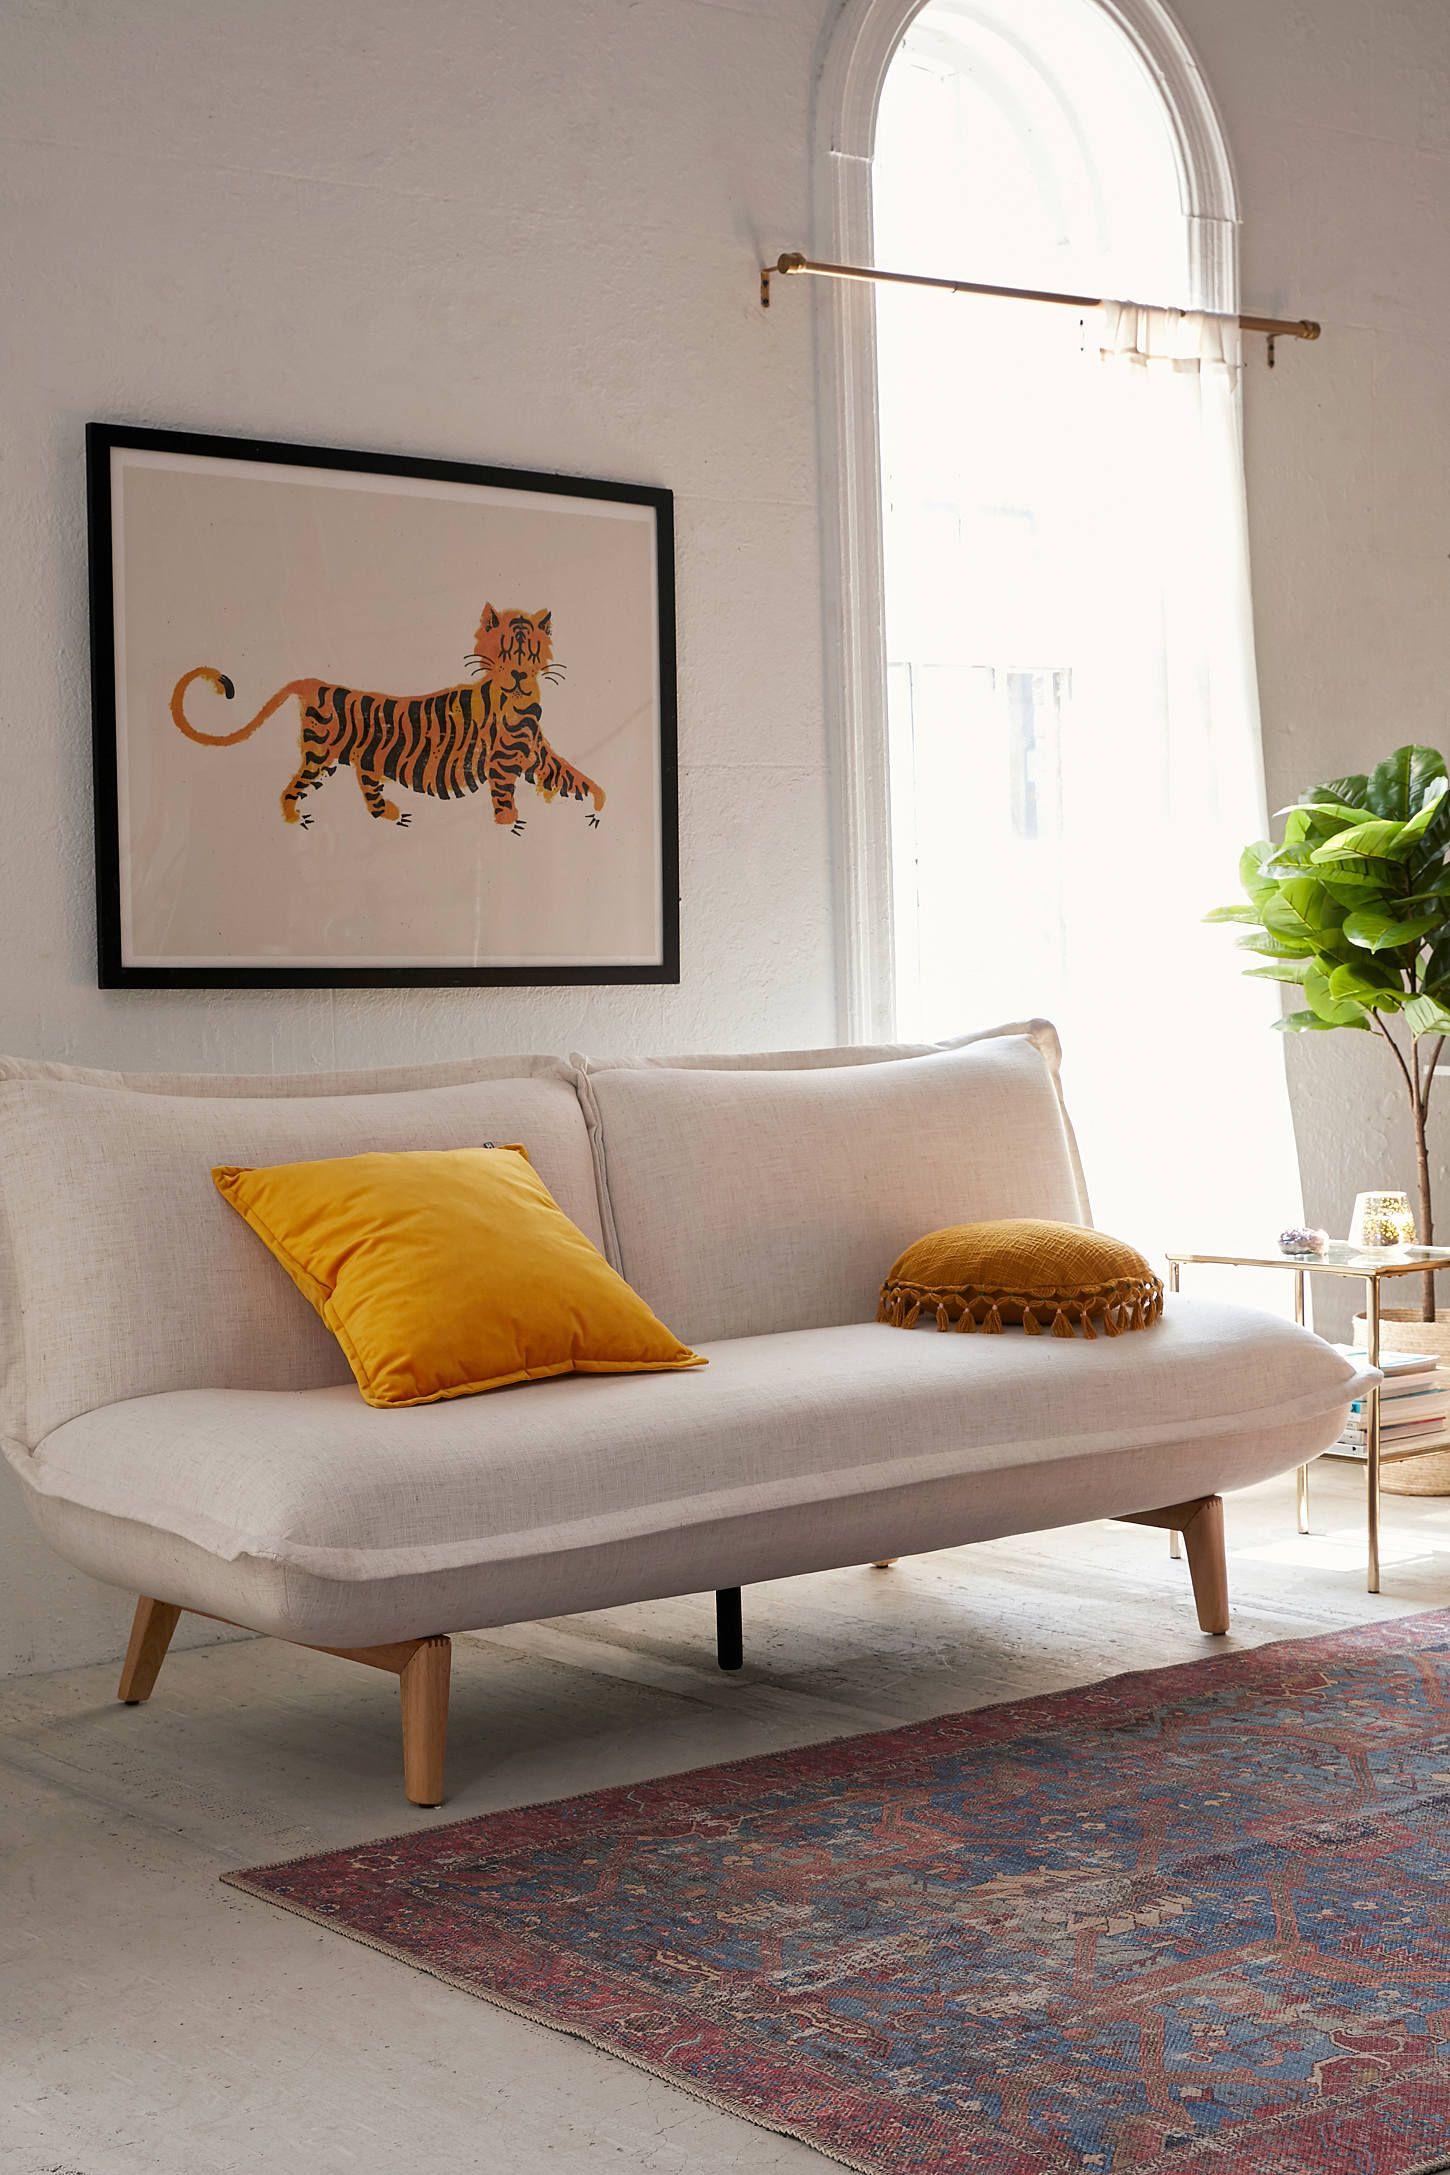 Henley Convertible Sofa | Easy Pallet Ideas in 2019 | Sofa ...